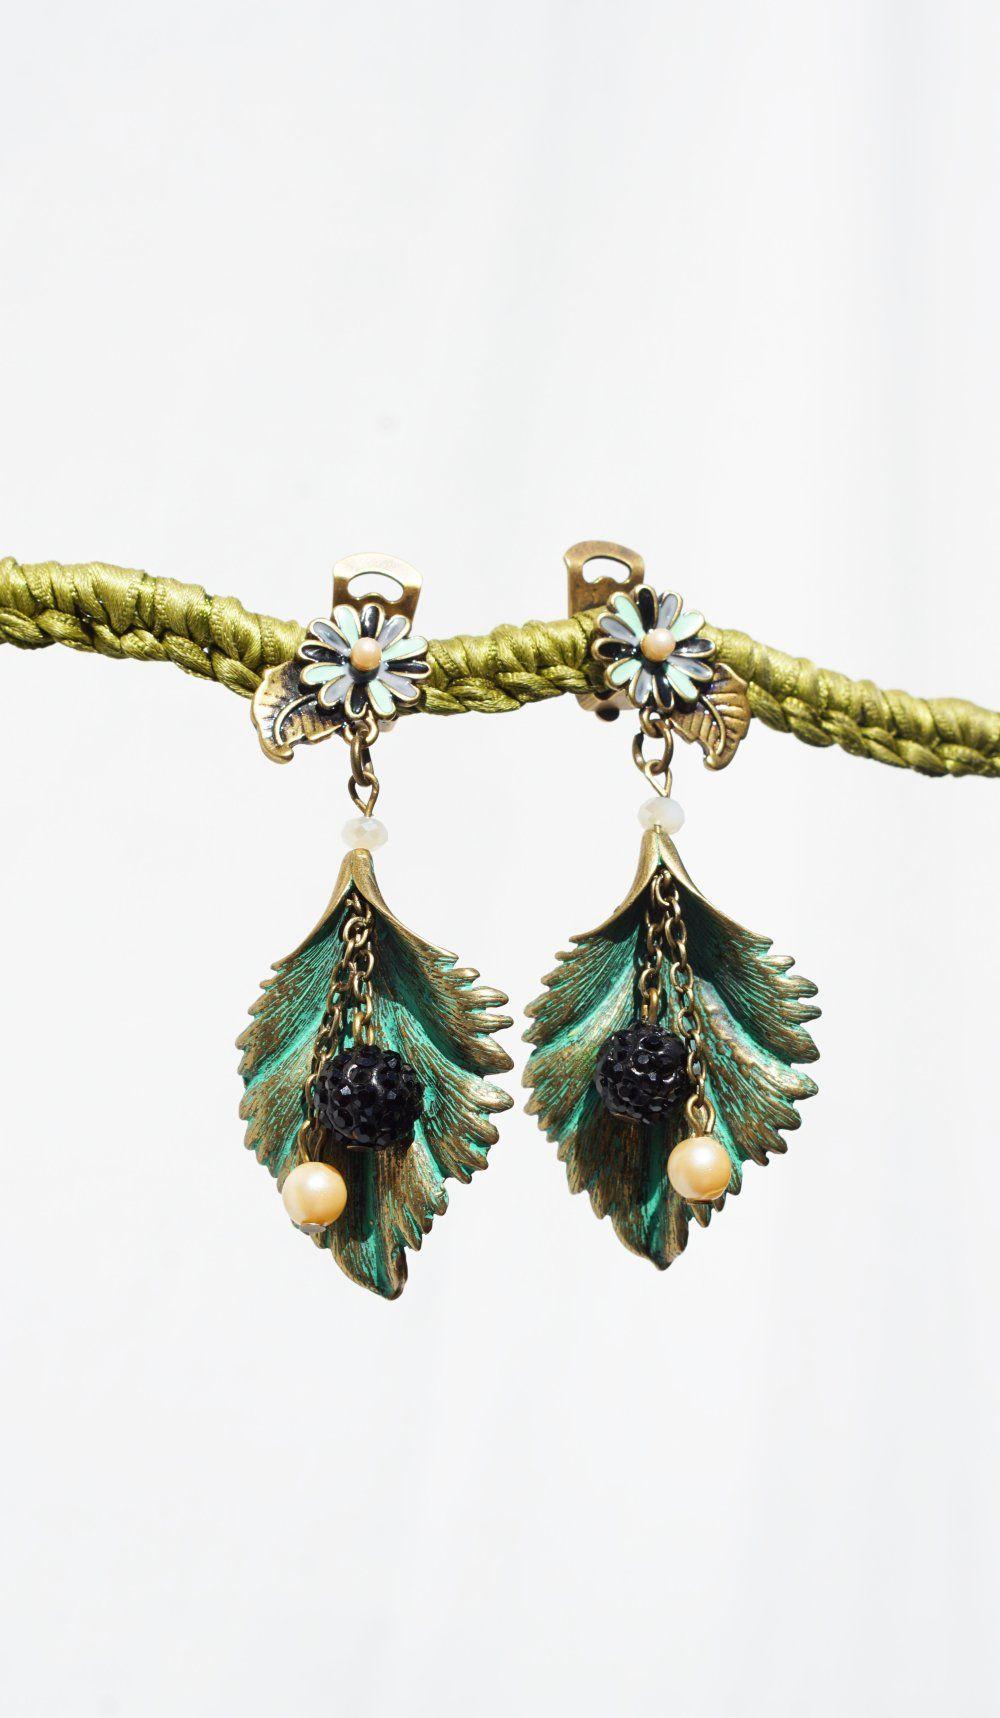 remise spéciale de sélectionner pour authentique chaussures exclusives Clips boucles d'oreilles clips vert & bronze boule strass ...